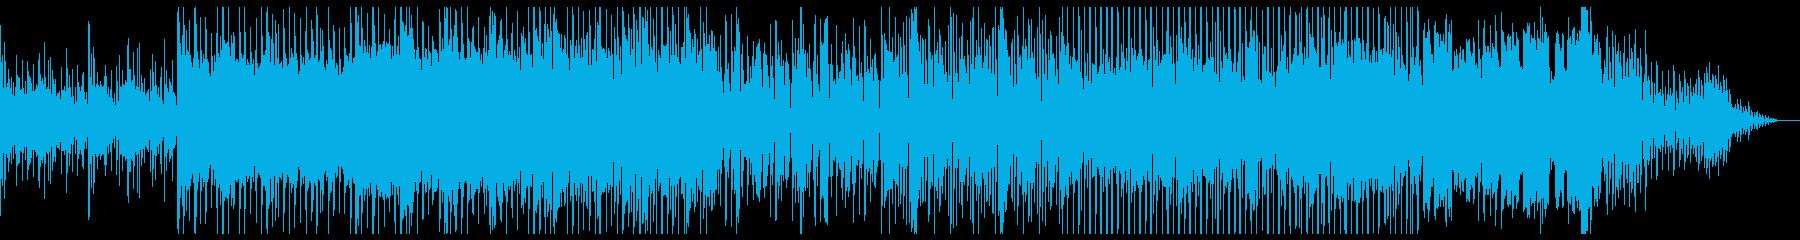 アンビエントなディープテクノの再生済みの波形